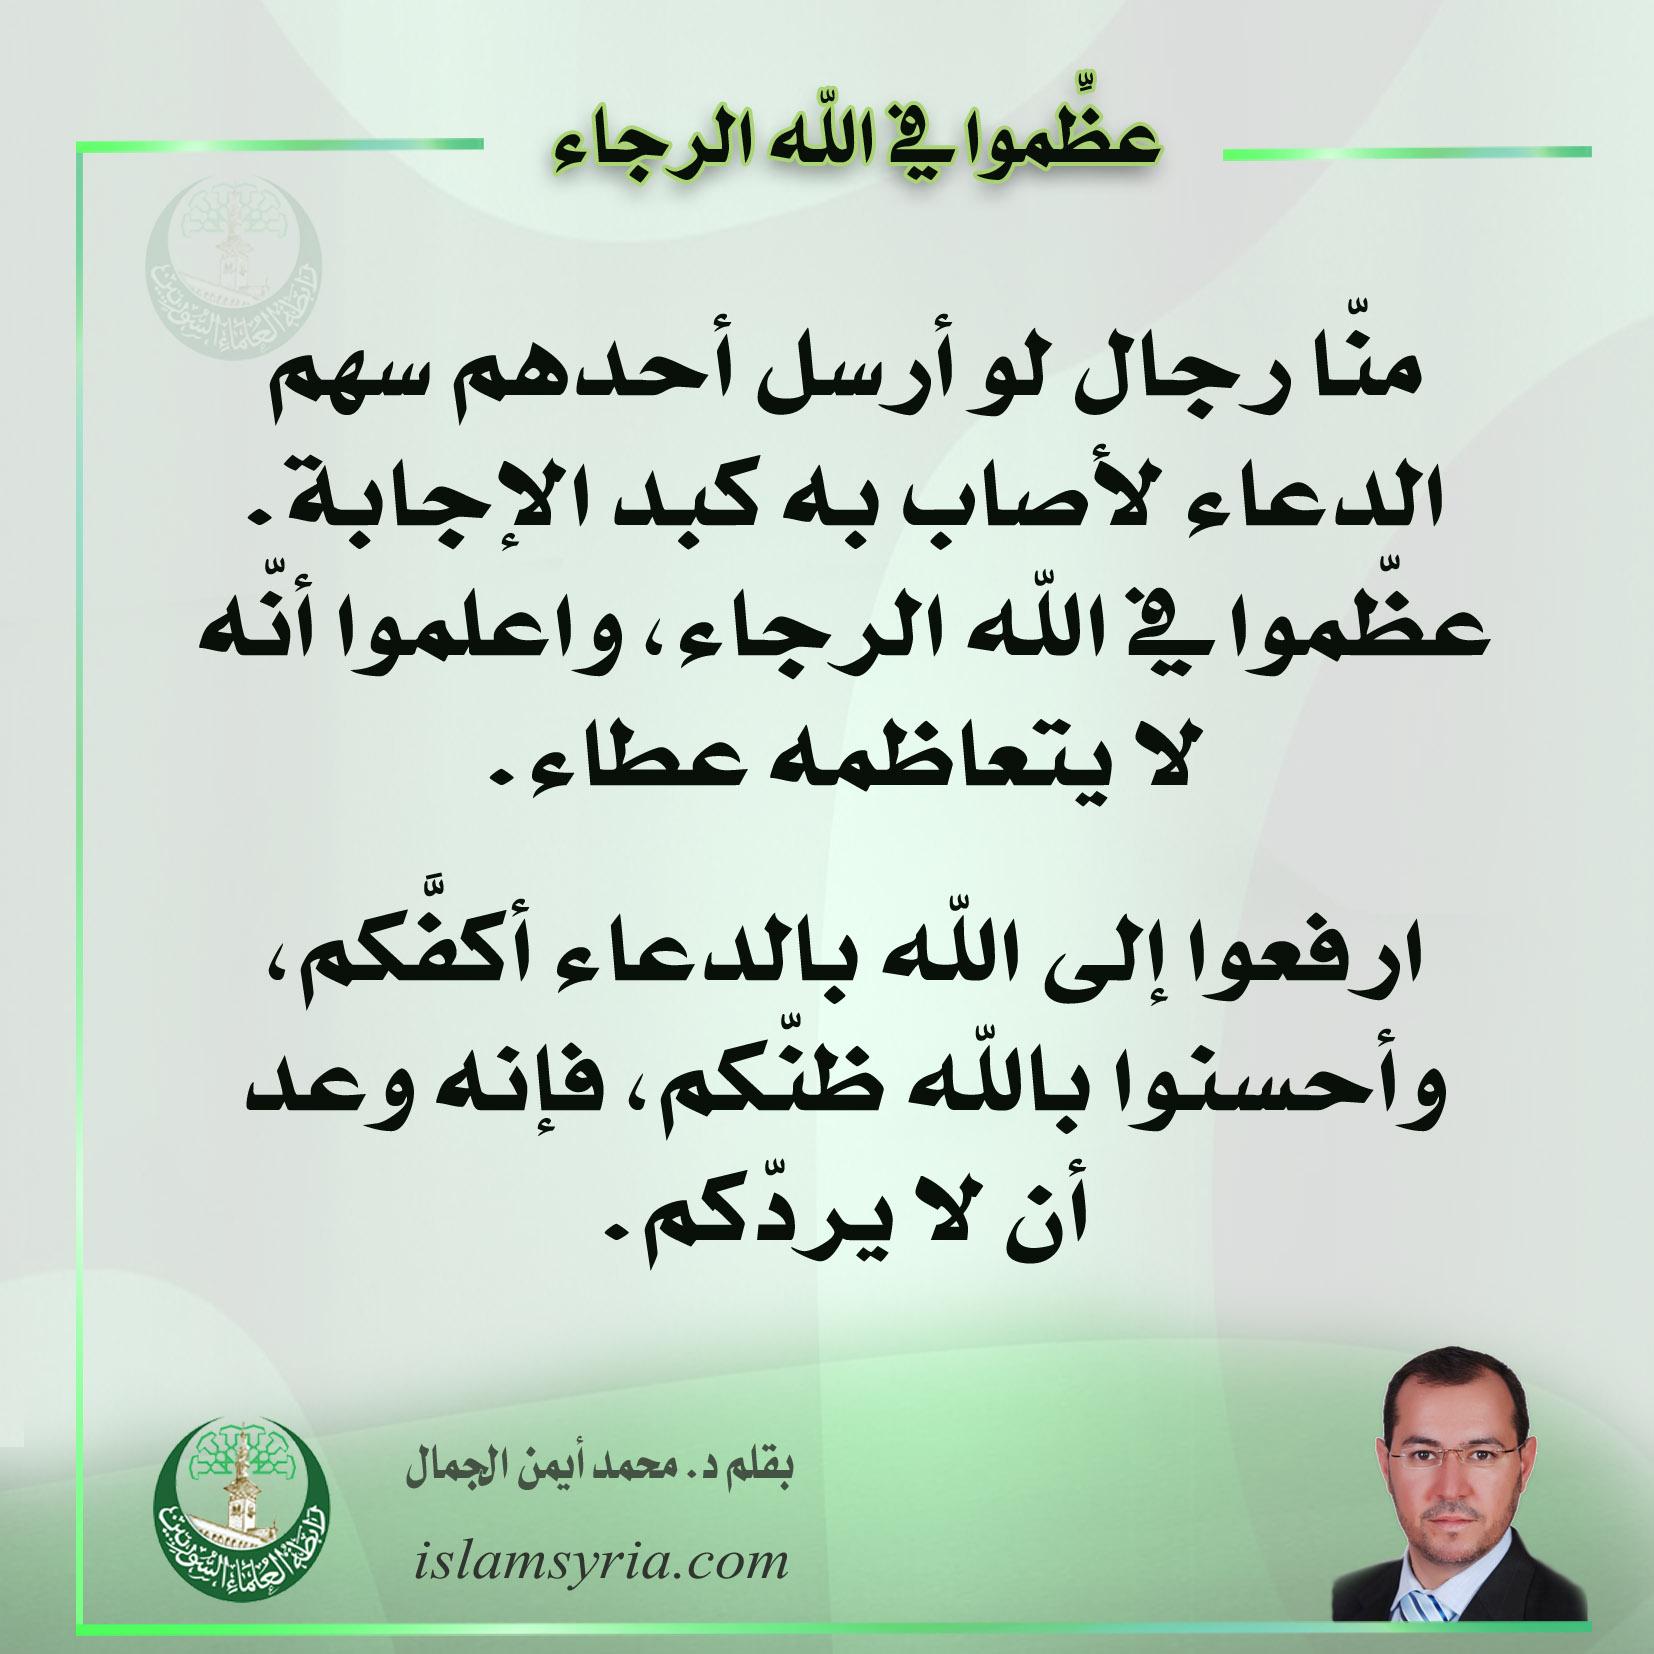 عظموا في الله الرجاء||د. محمد أيمن جمال